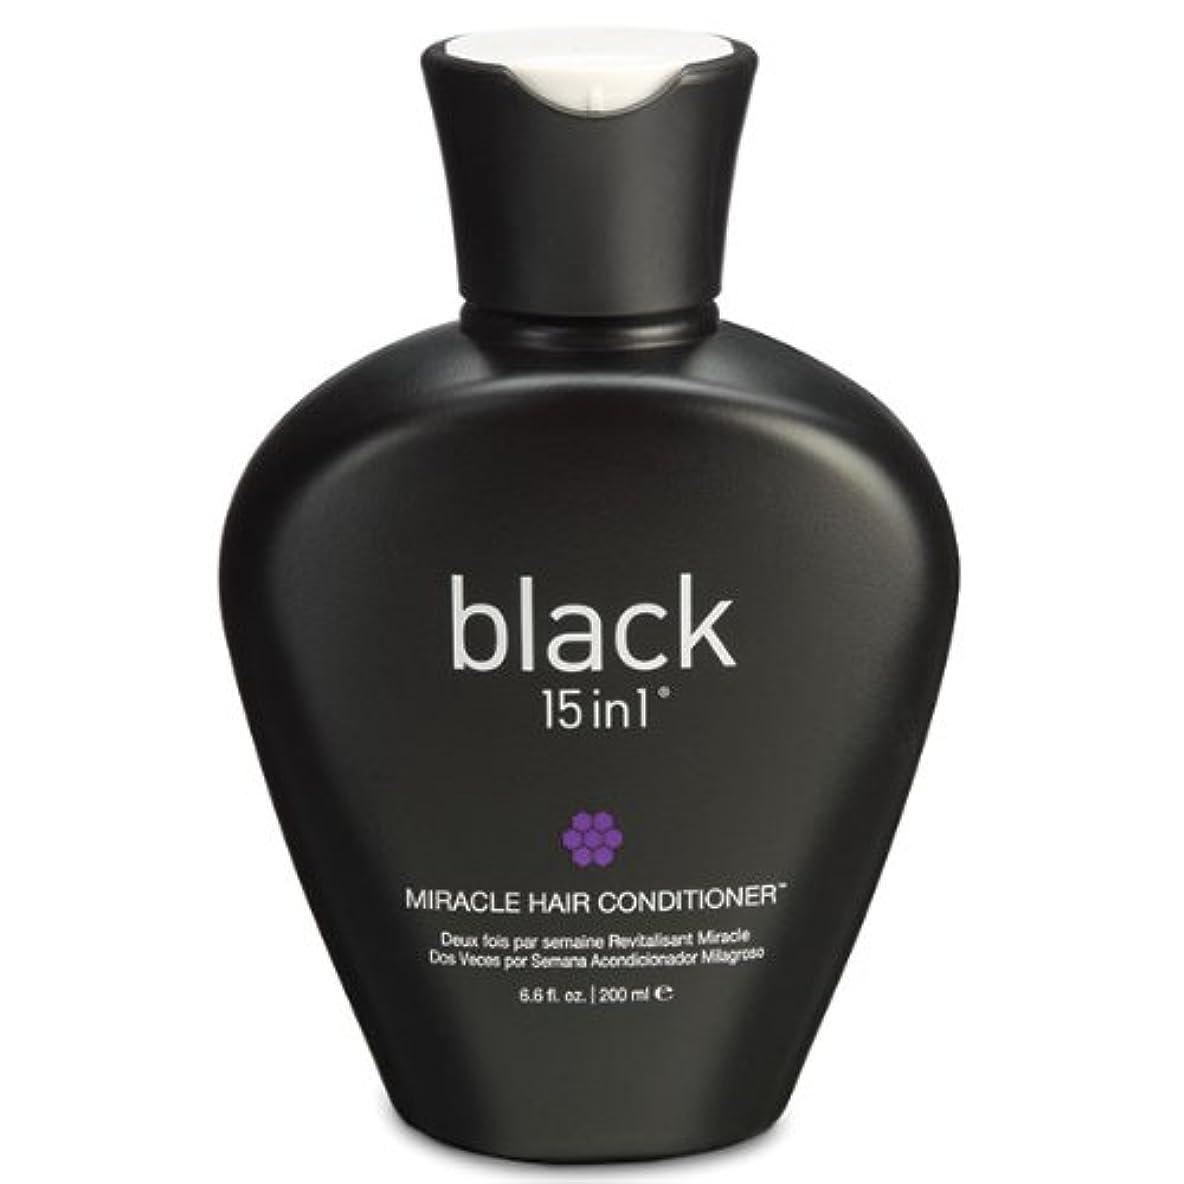 ロードされたうがいピックBlack 15in1 Miracle Hair Conditioner, 6.6 Ounce by black 15in1